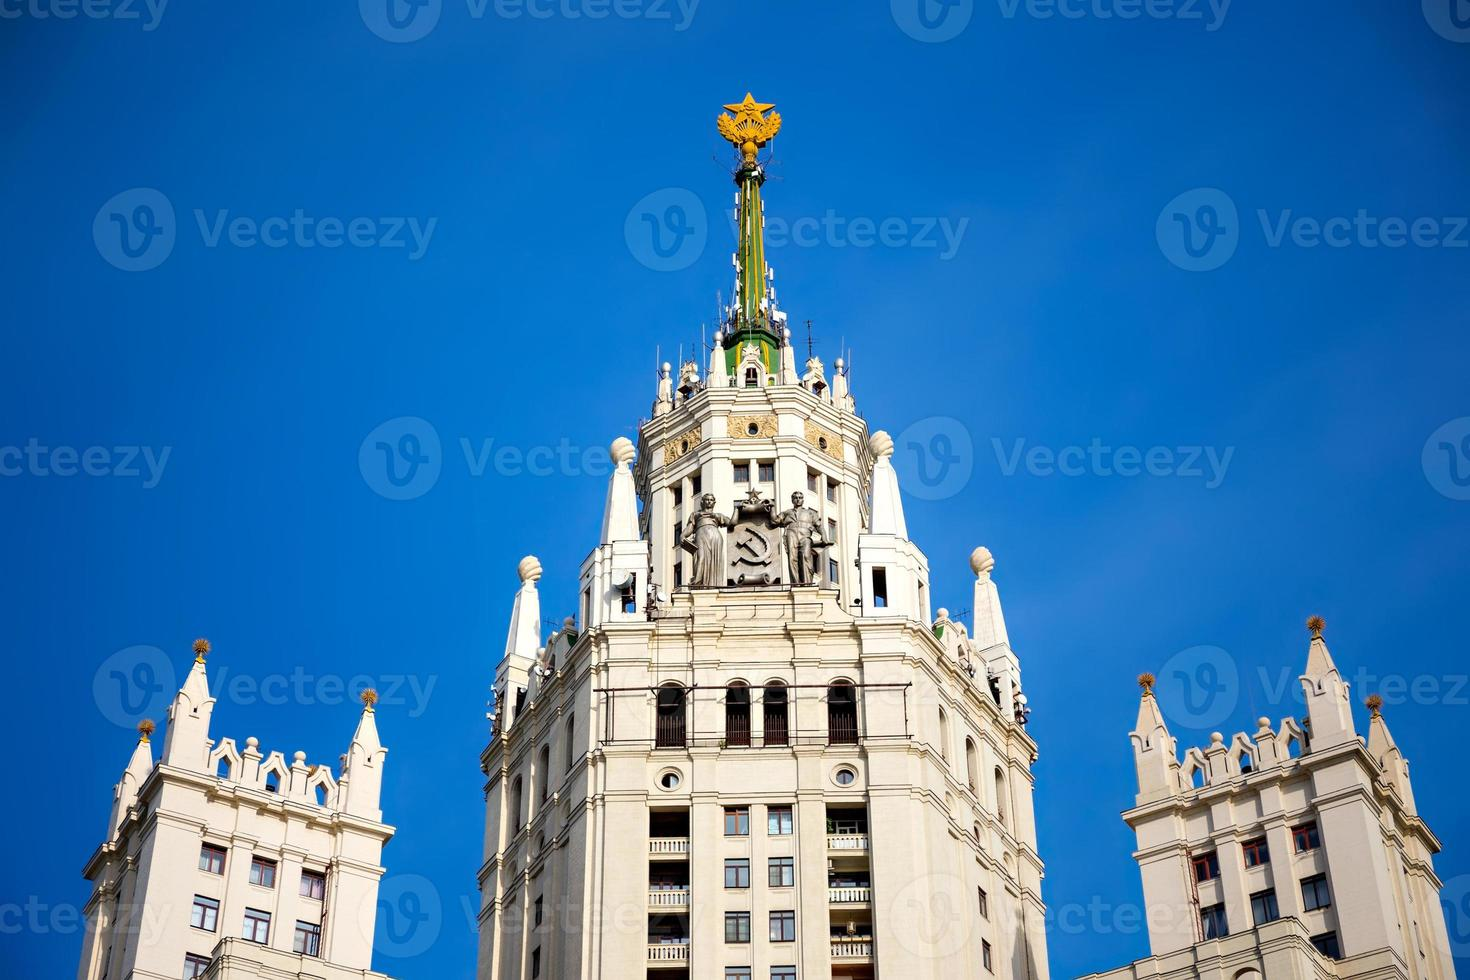 Kotelnicheskaya skyscraper photo